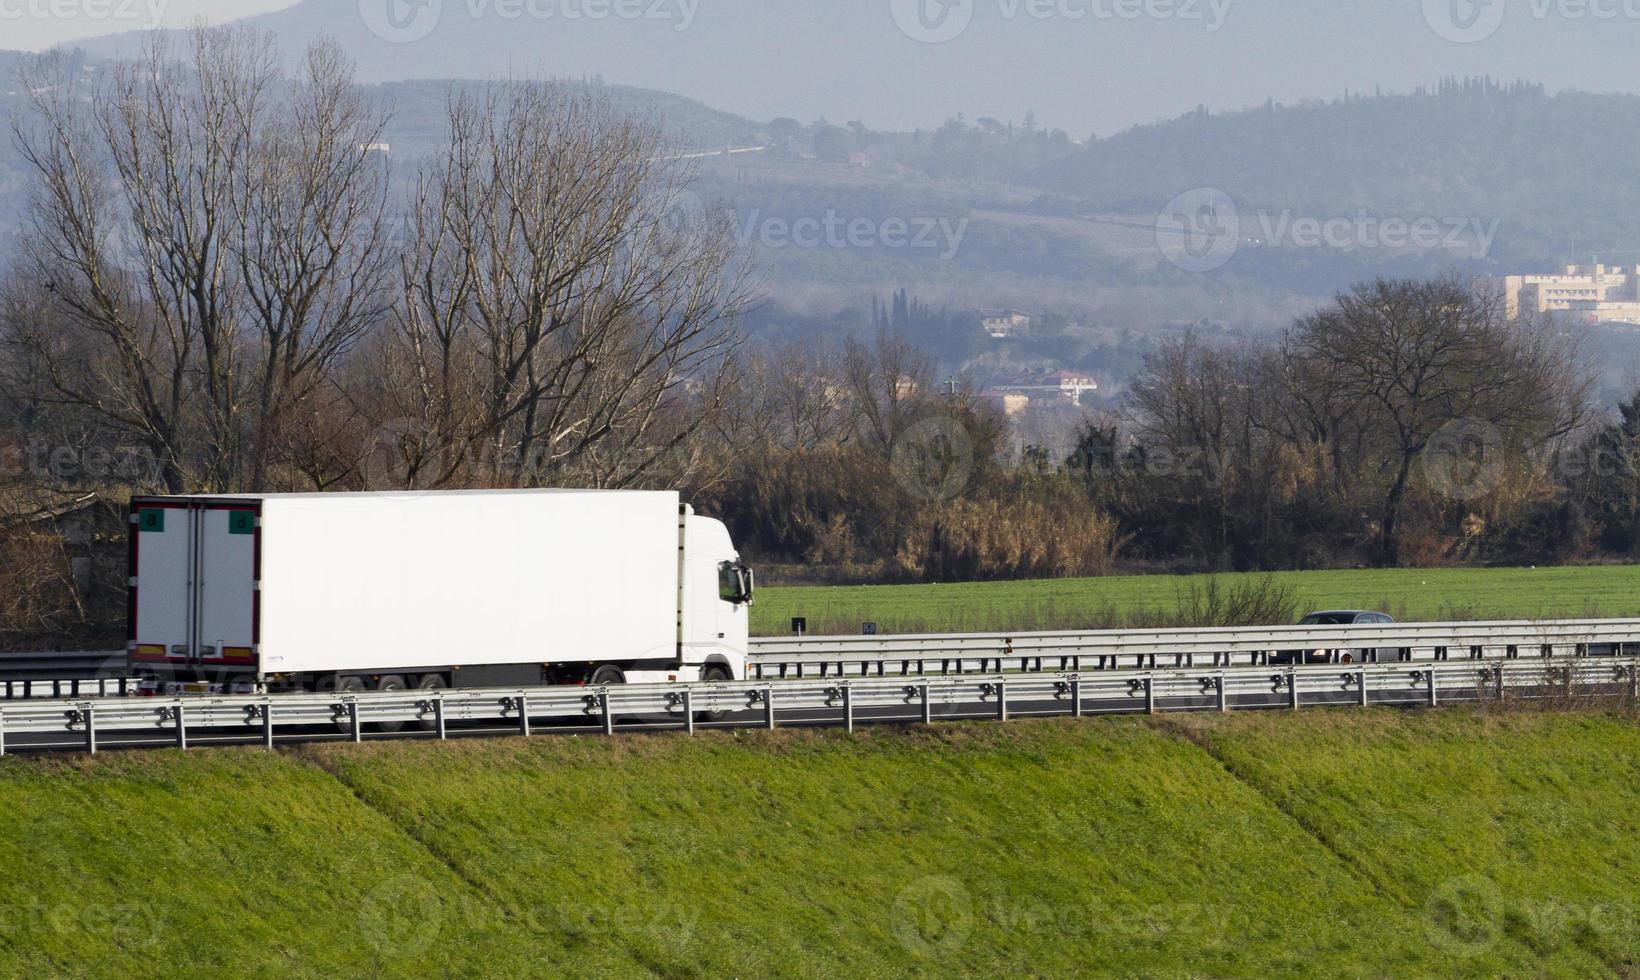 camion blanc sur l'autoroute photo